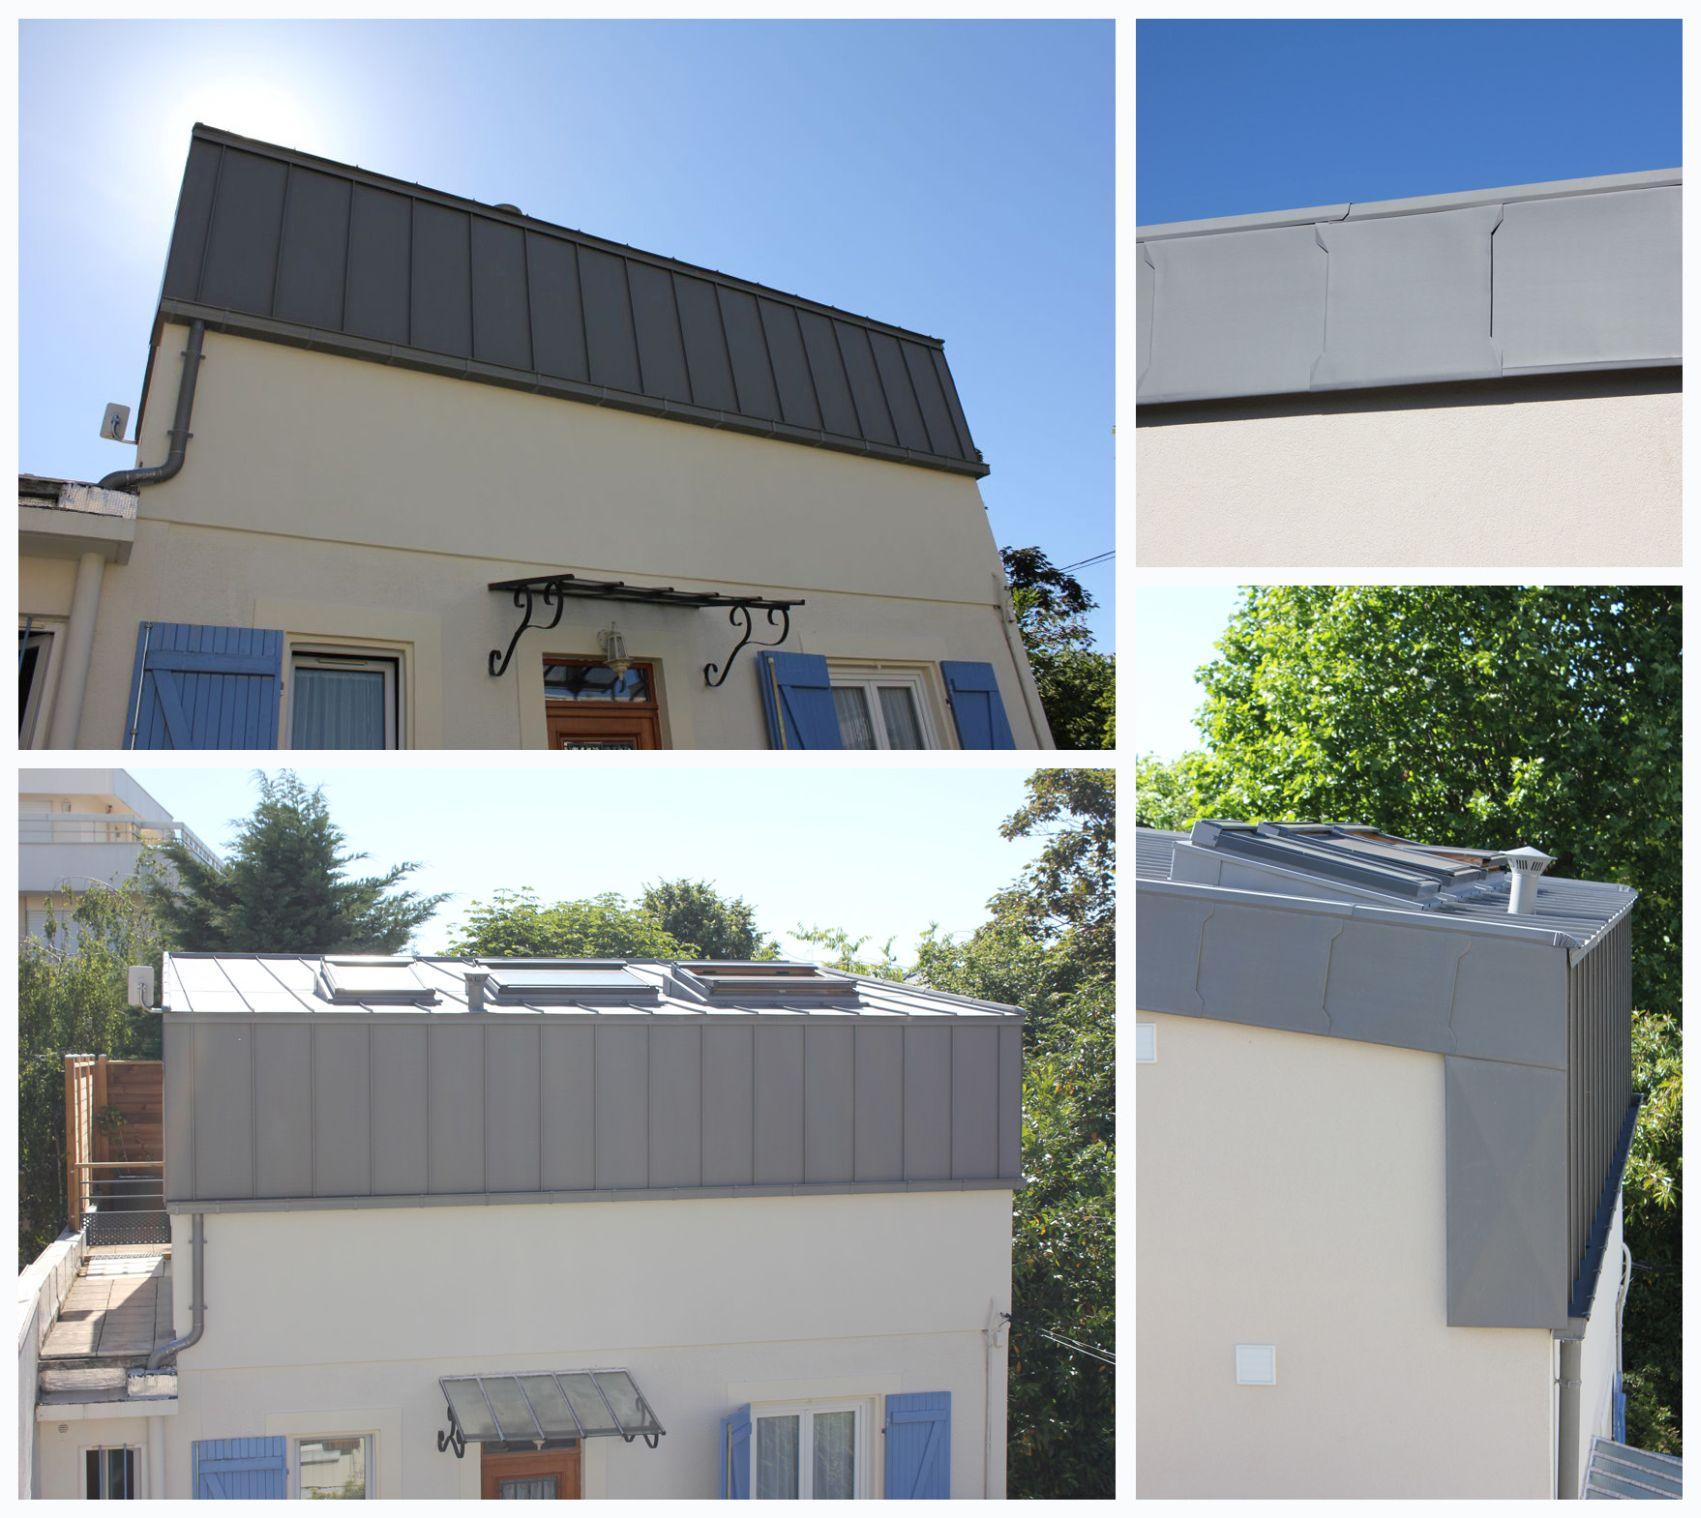 06_montage toiture.JPG